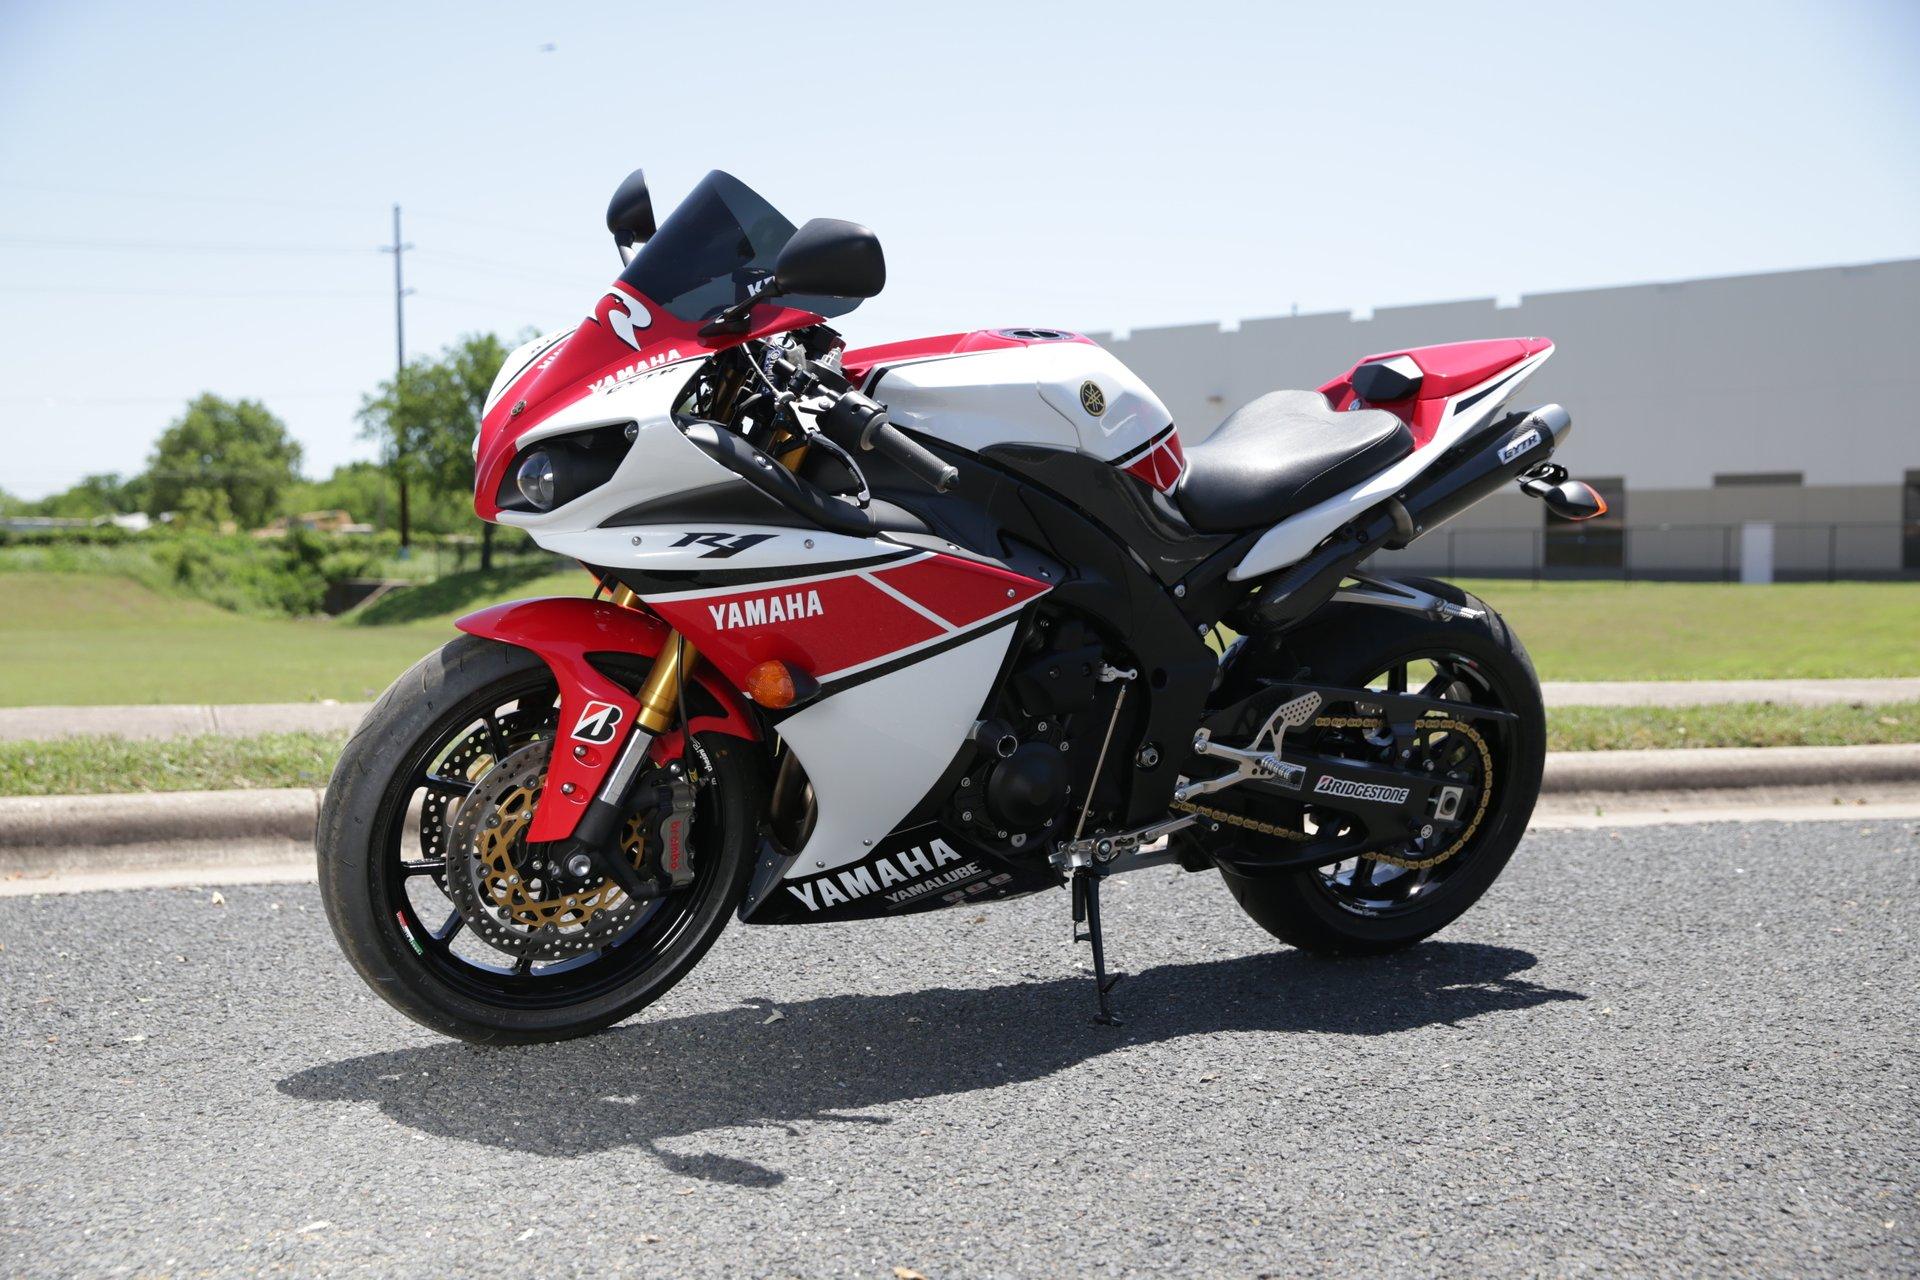 2011 Yamaha R1 Custom for sale #2566 | Motorious